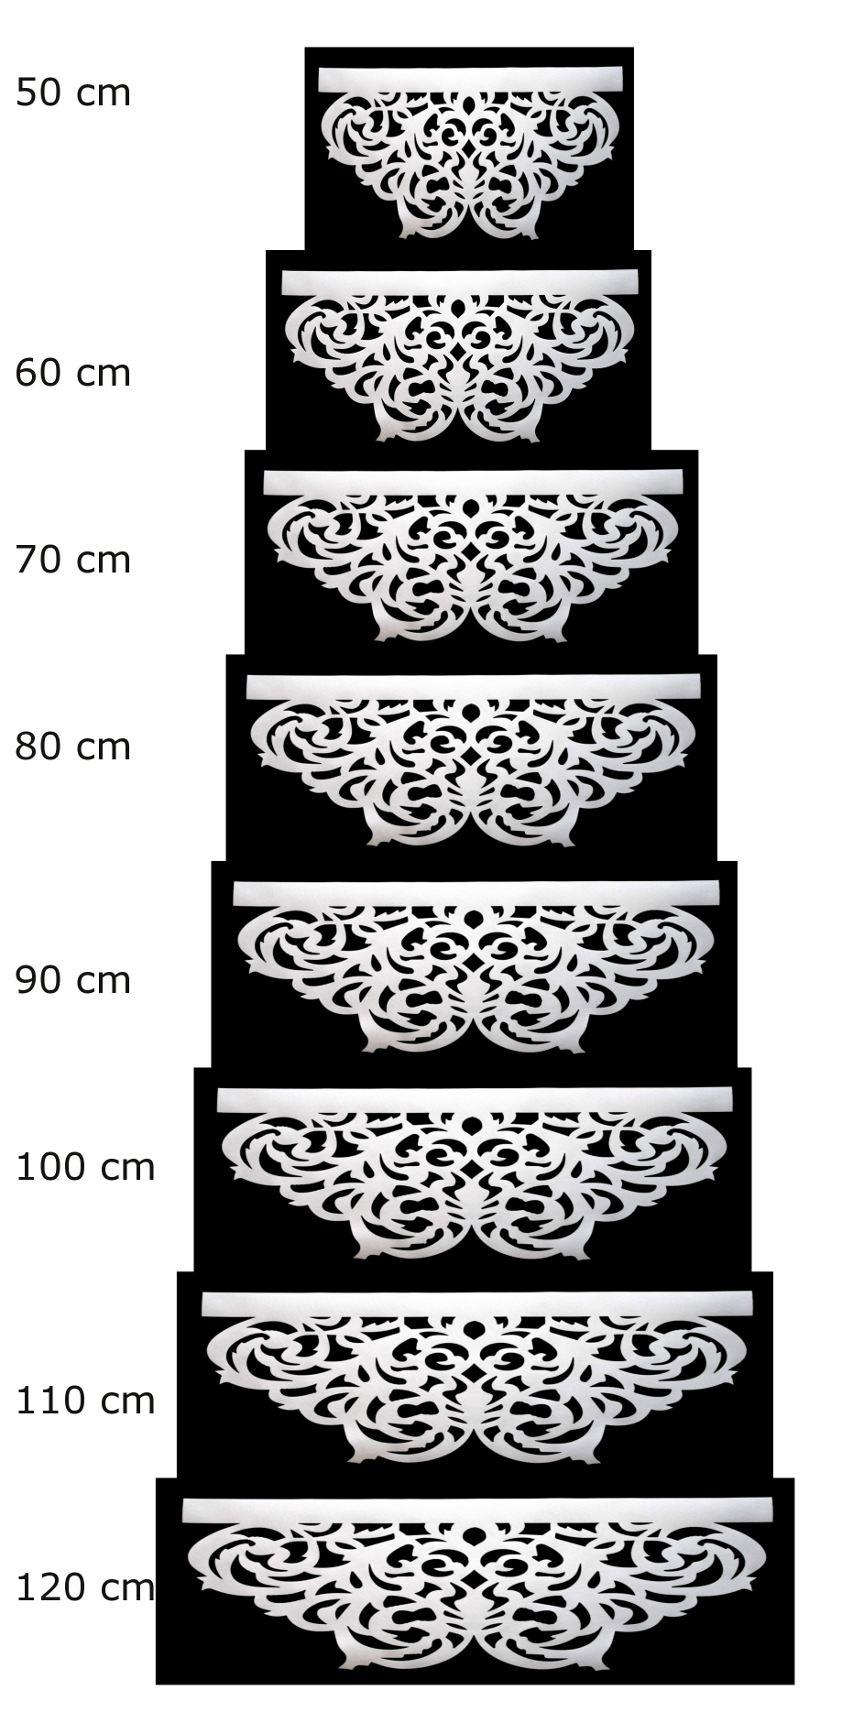 wygląd ażurów w różnych szerokościach